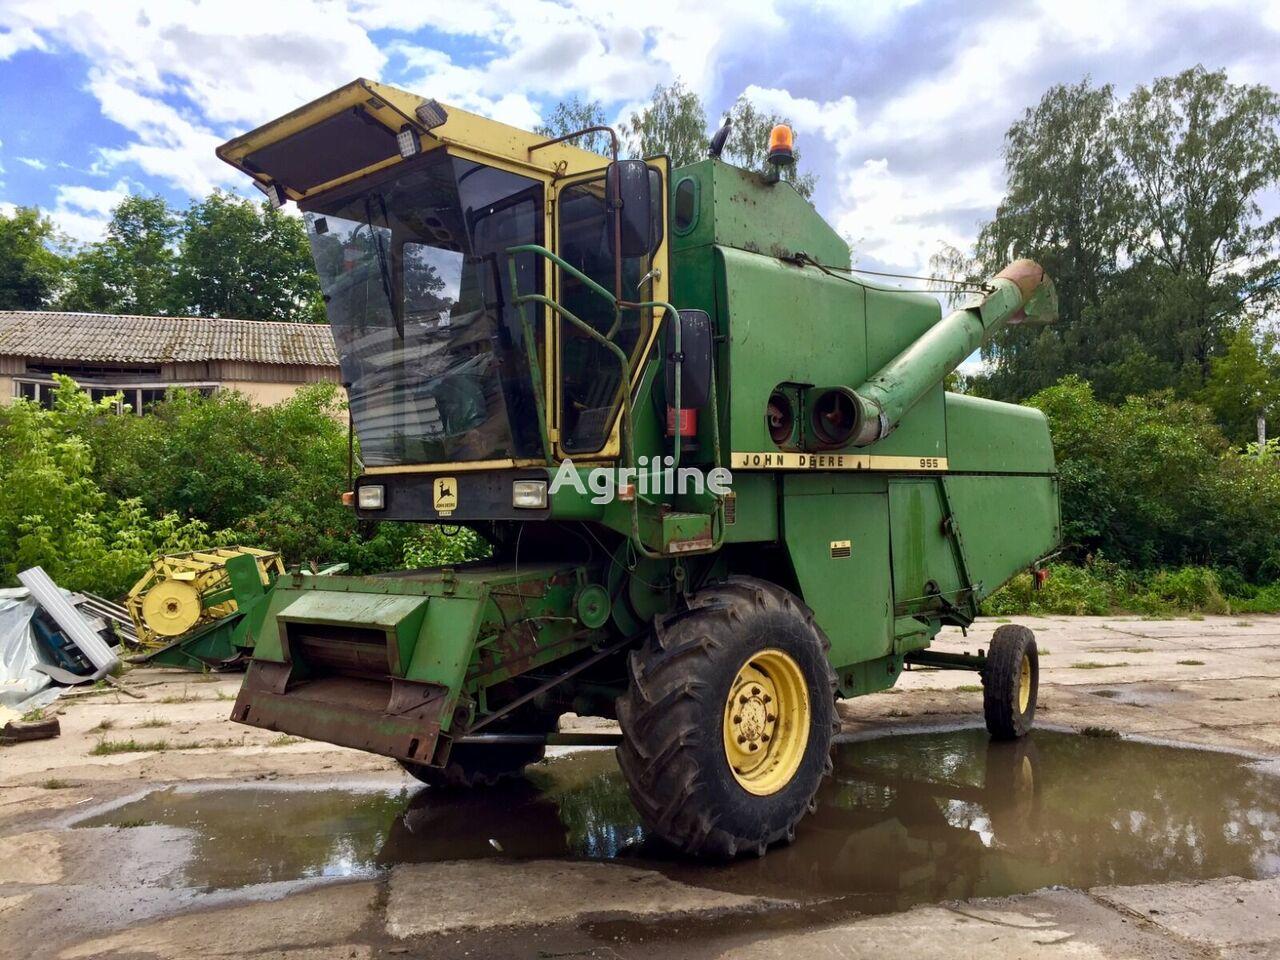 JOHN DEERE 955 grain harvester